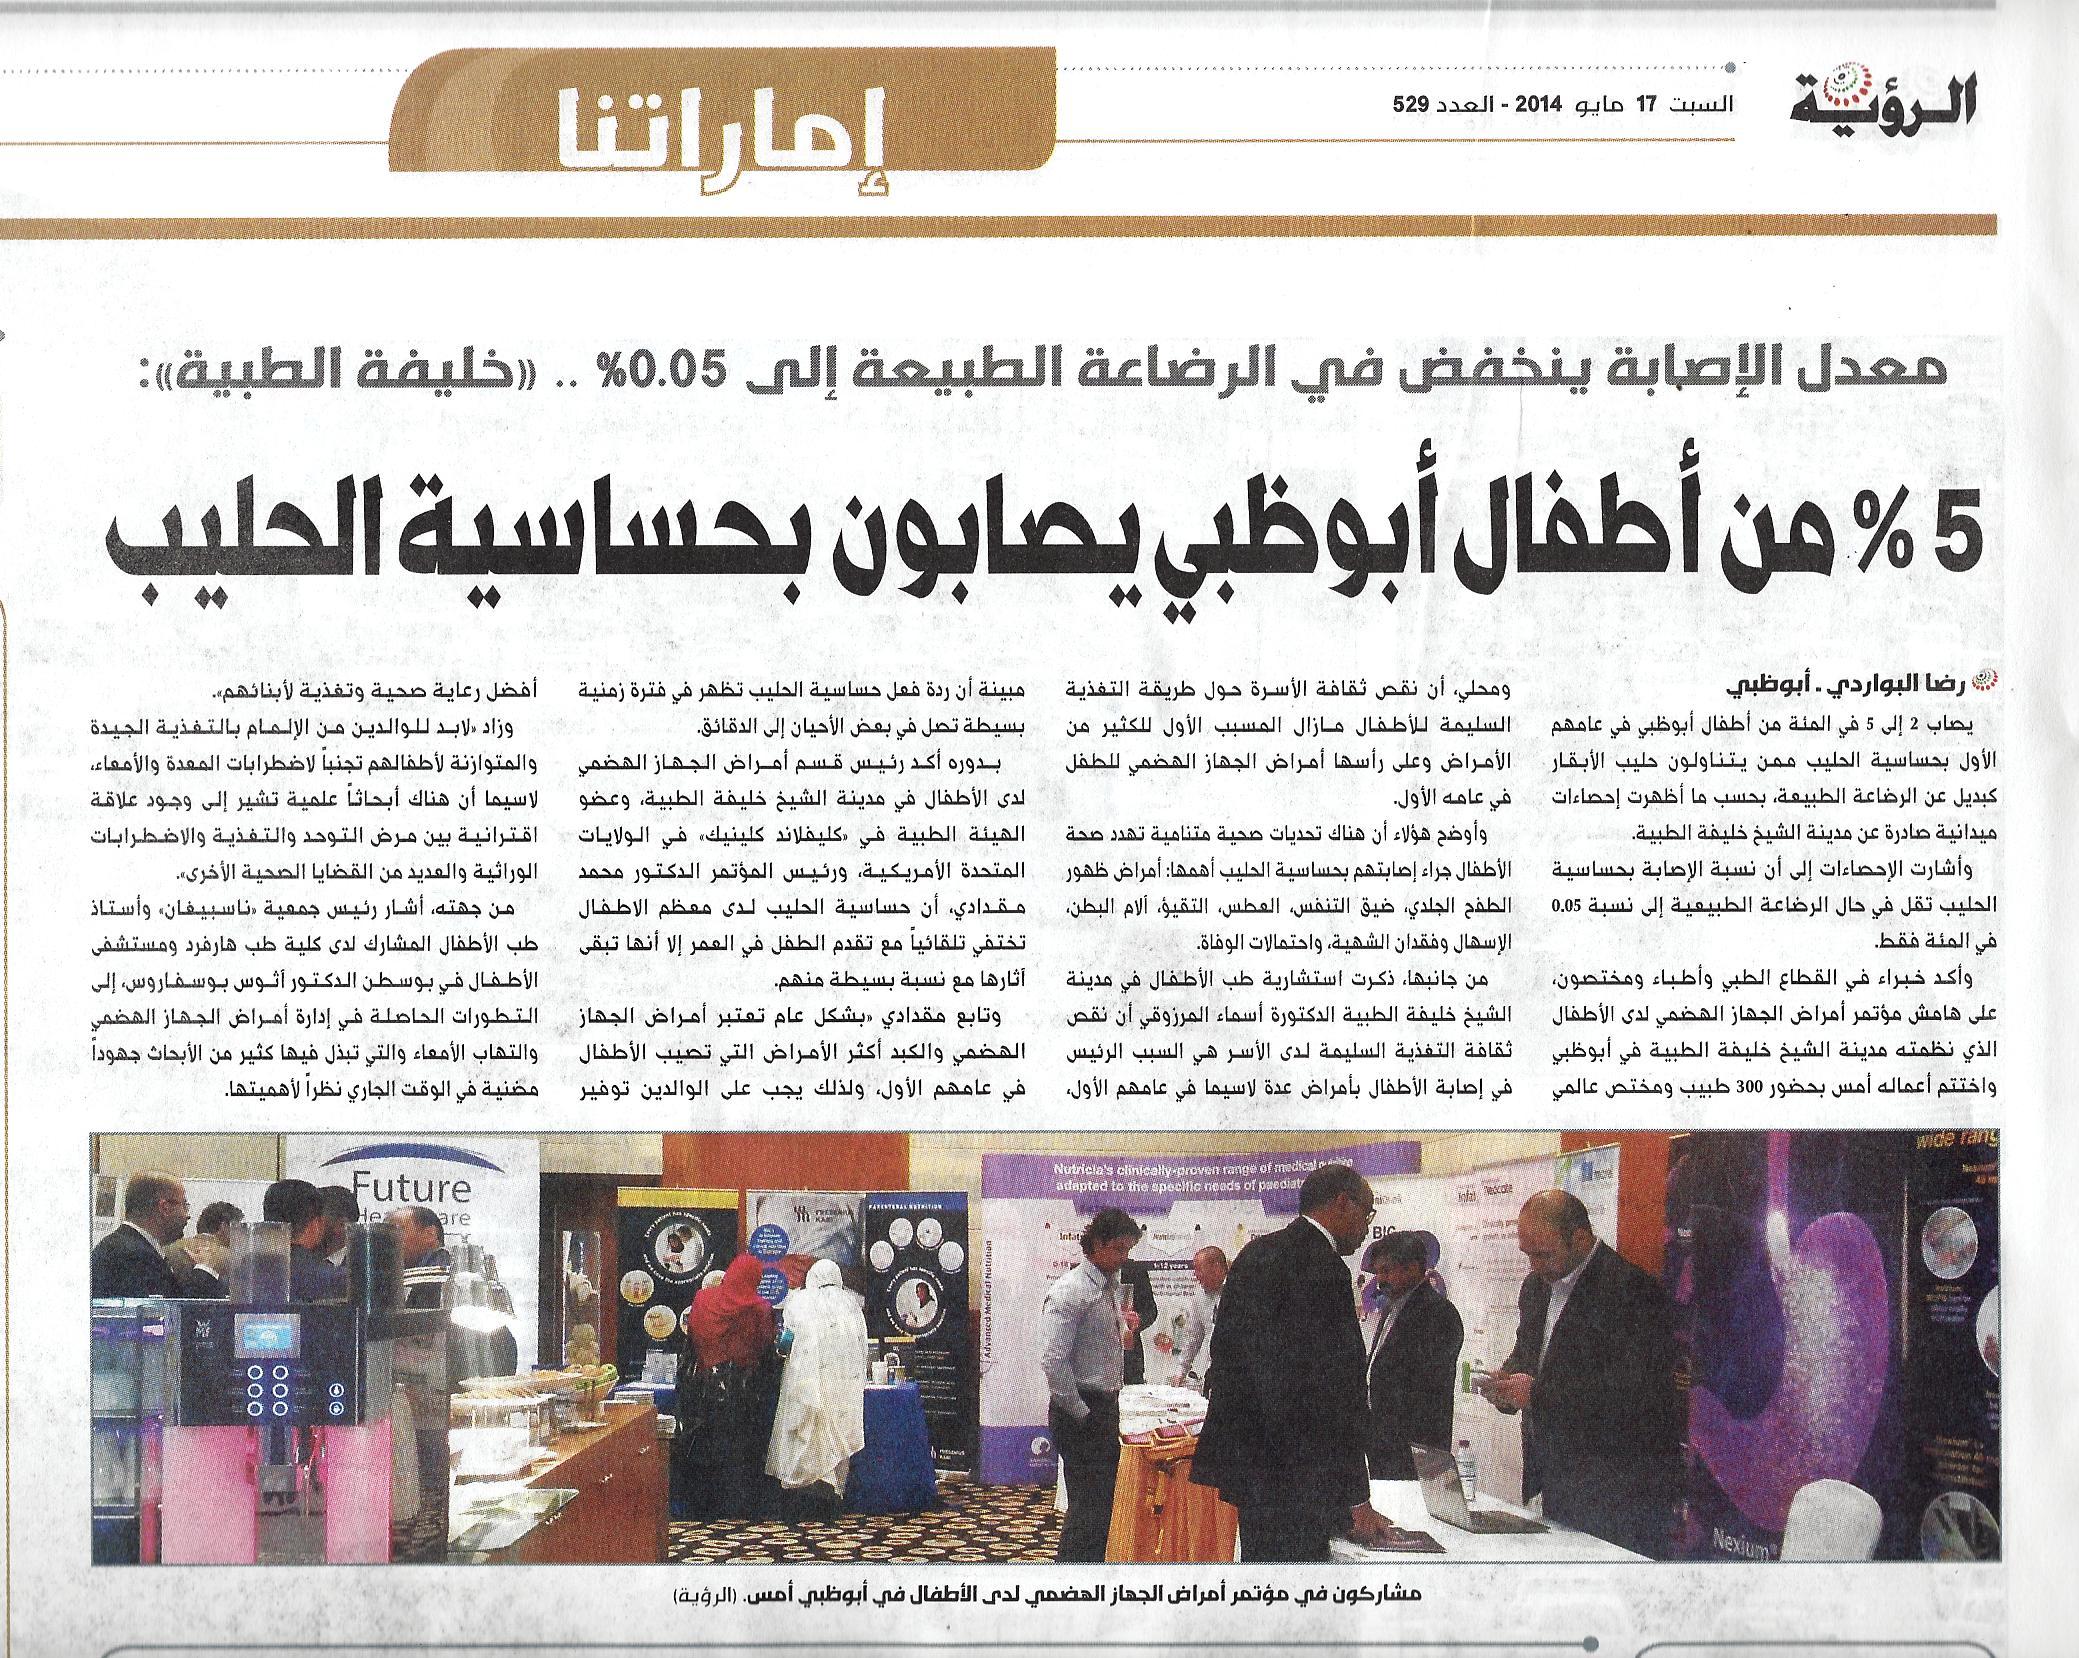 Alroeya pg 3 May 17